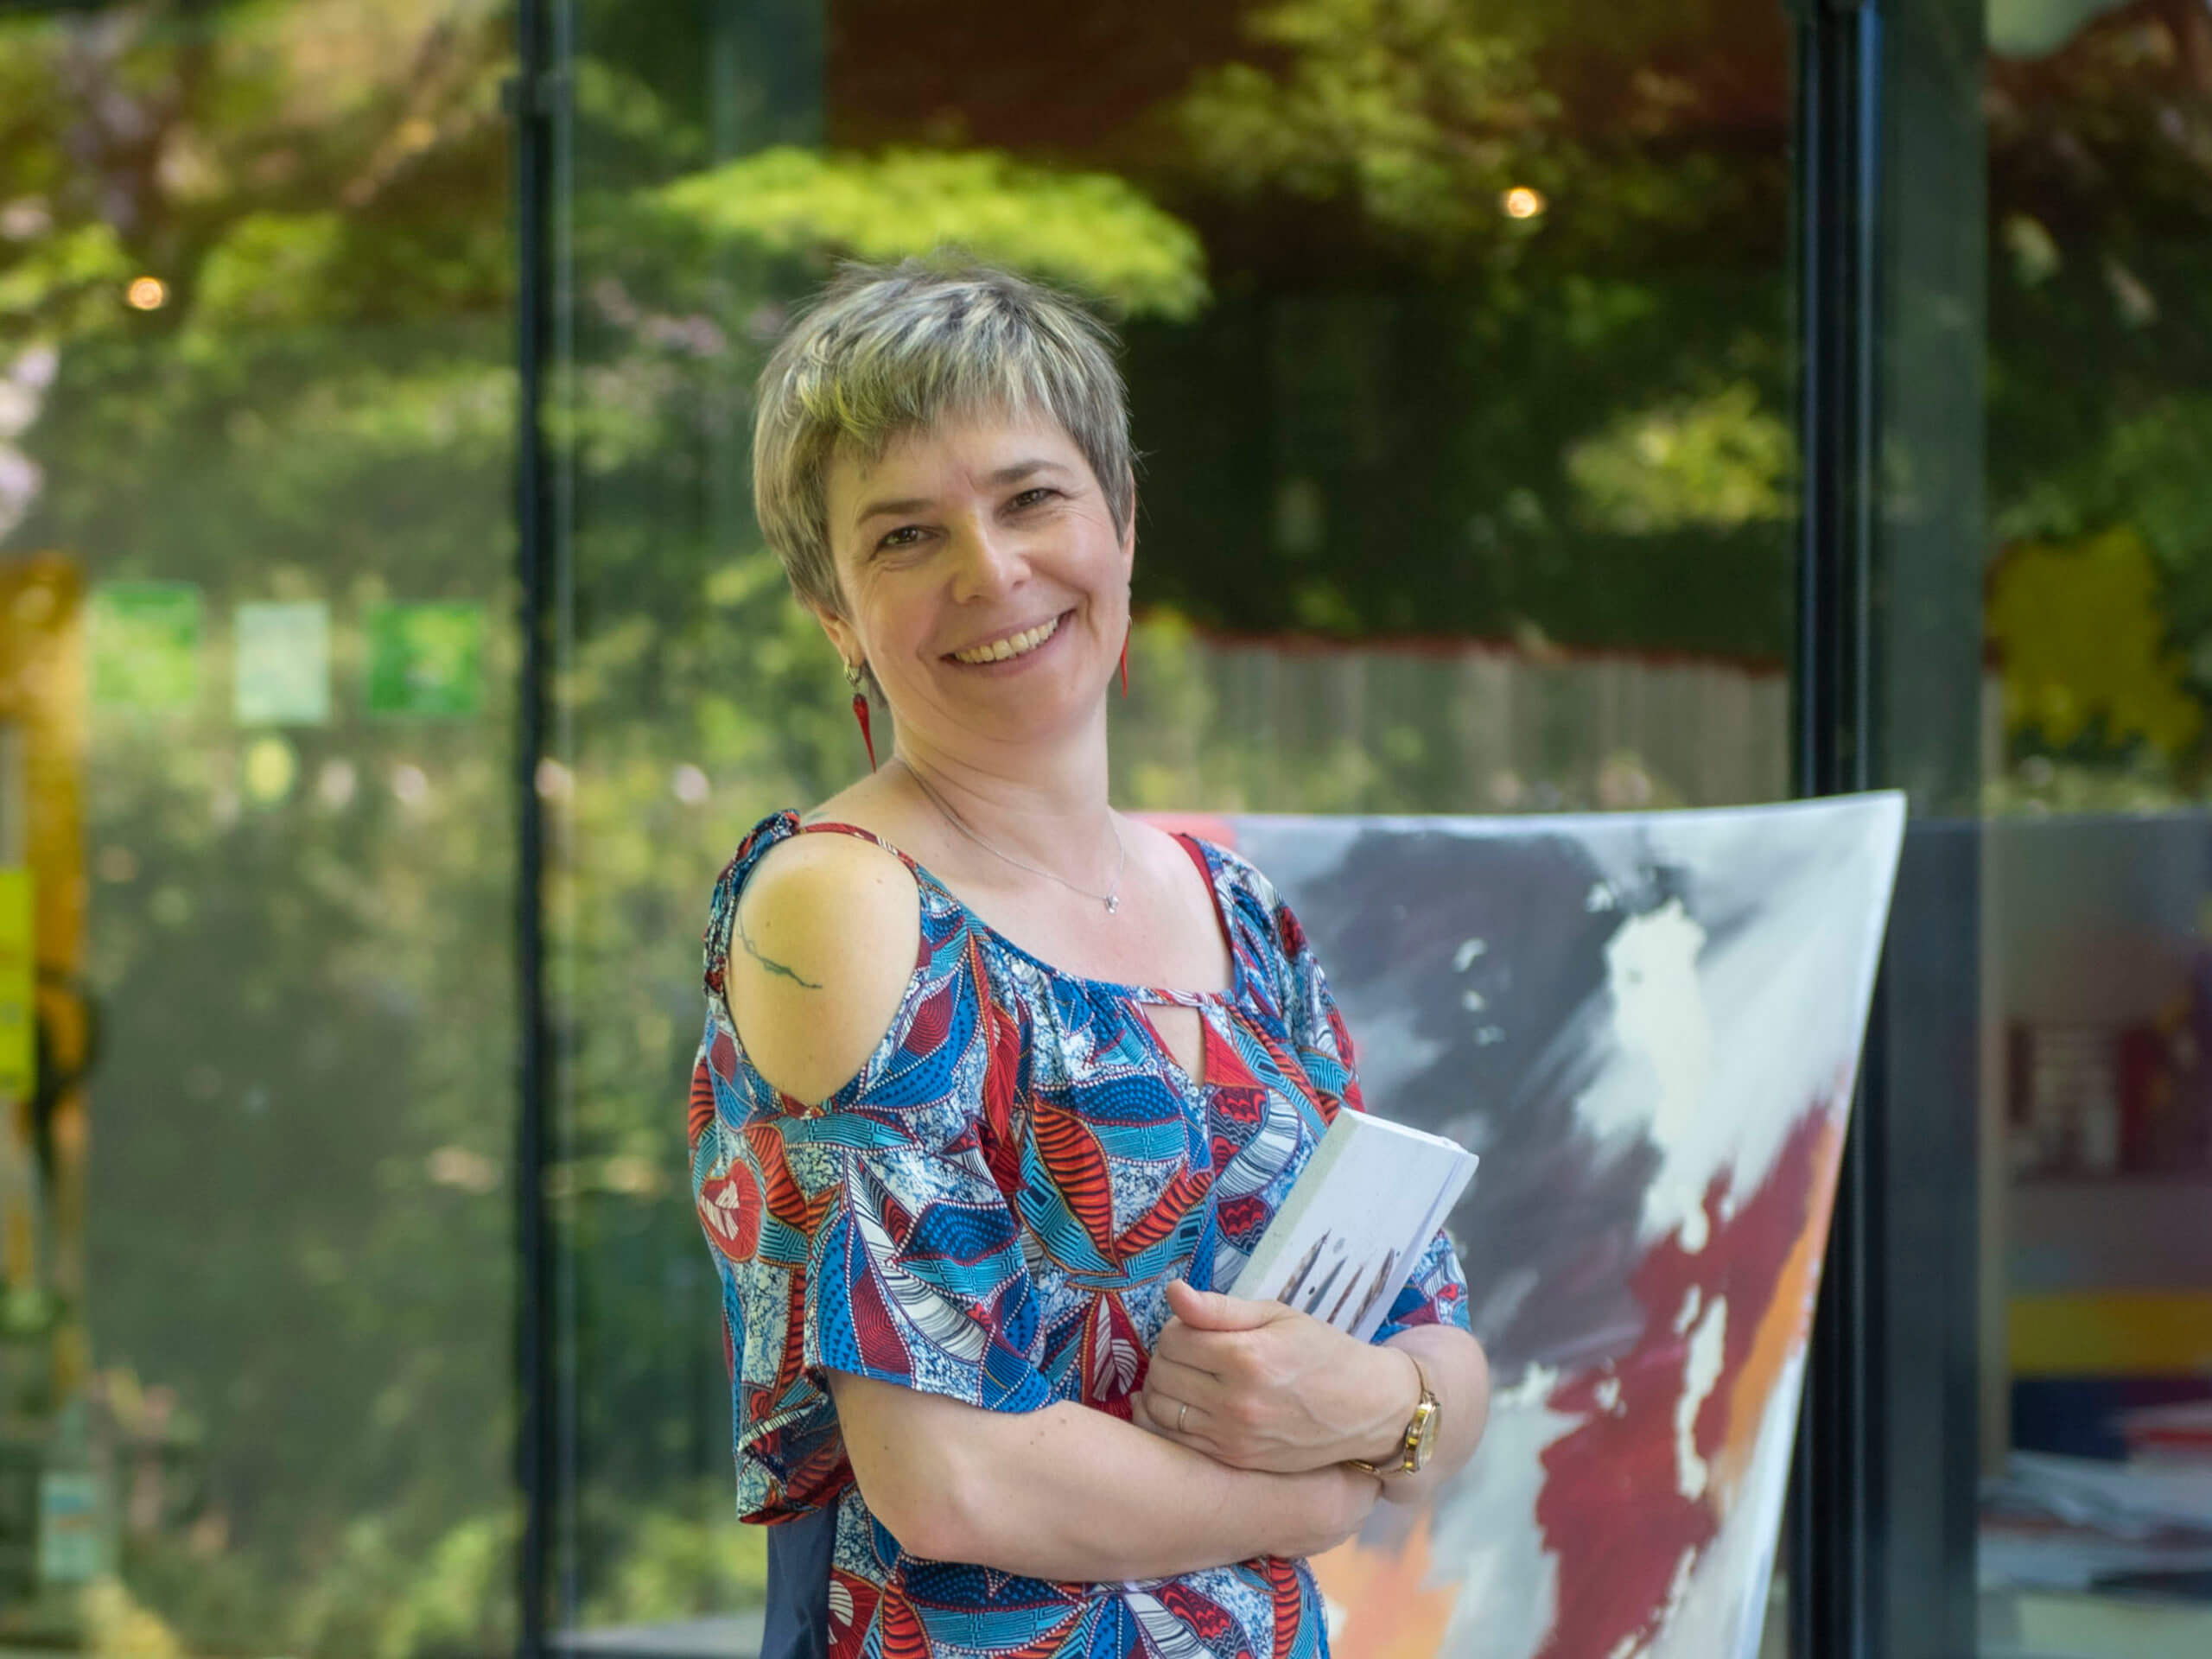 Vesselina Malhomme, coach en développement personnel à Orléans